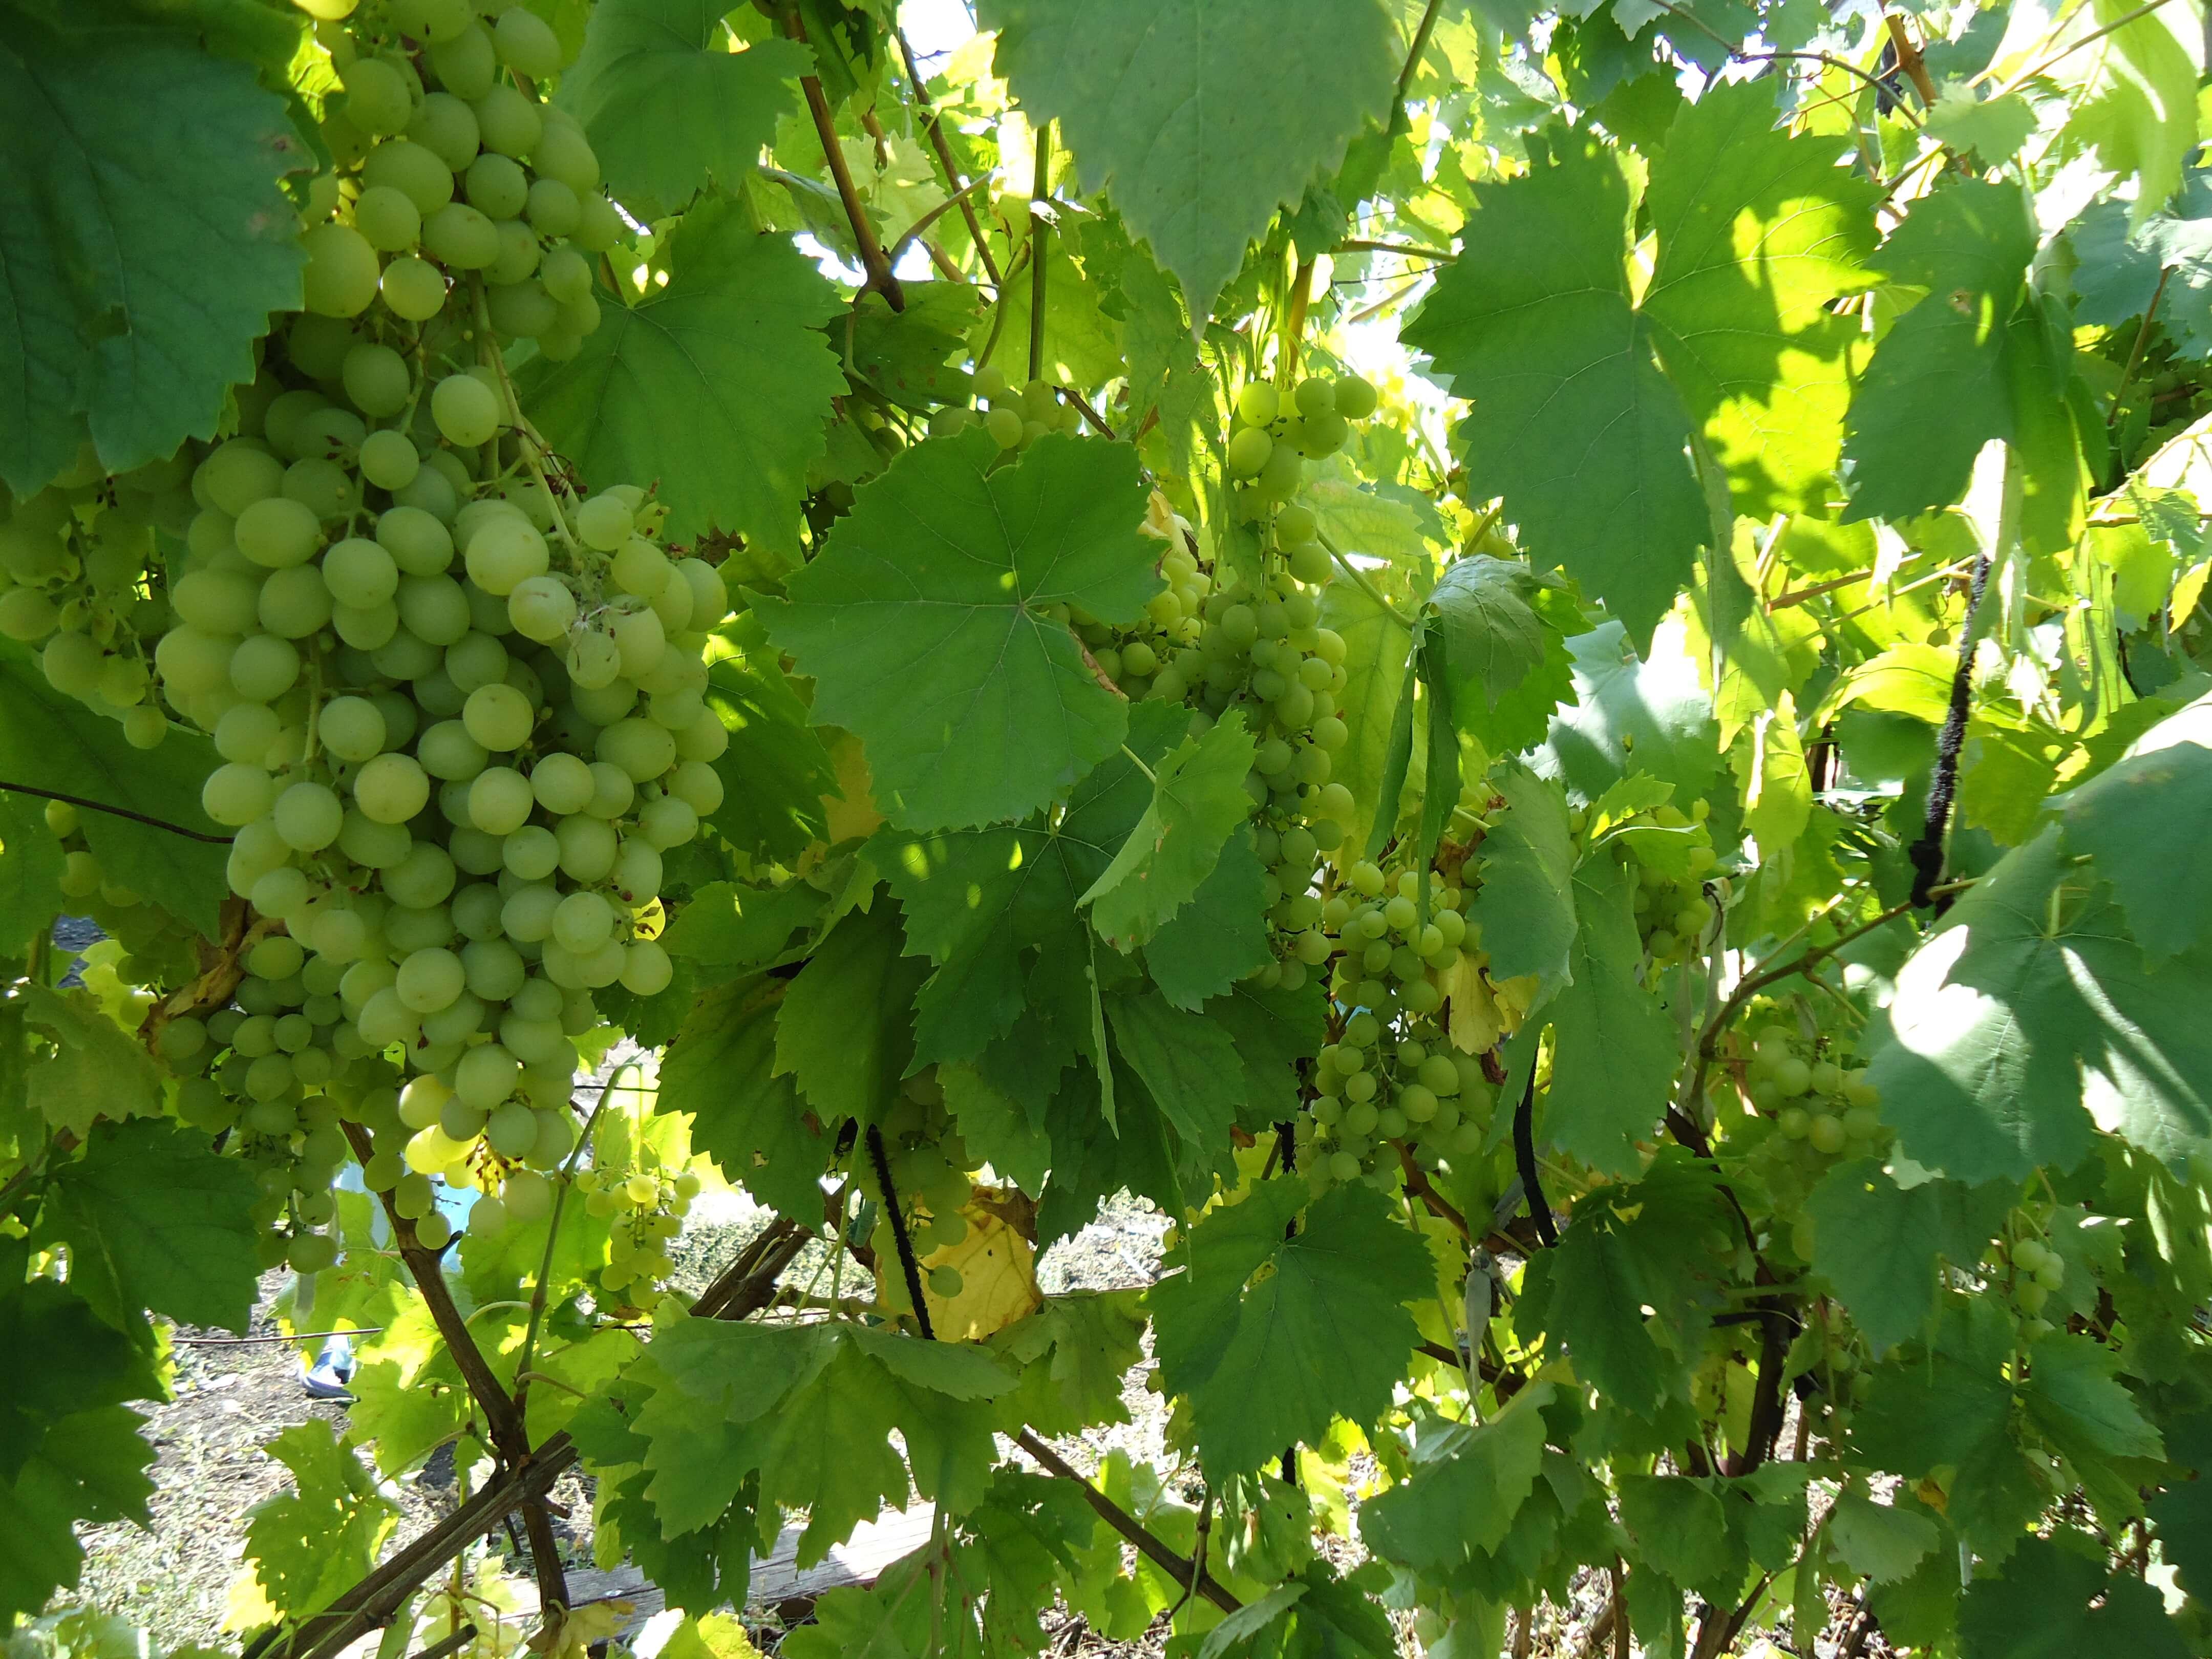 Сорт винограда Алешенькин: описание и выращивание